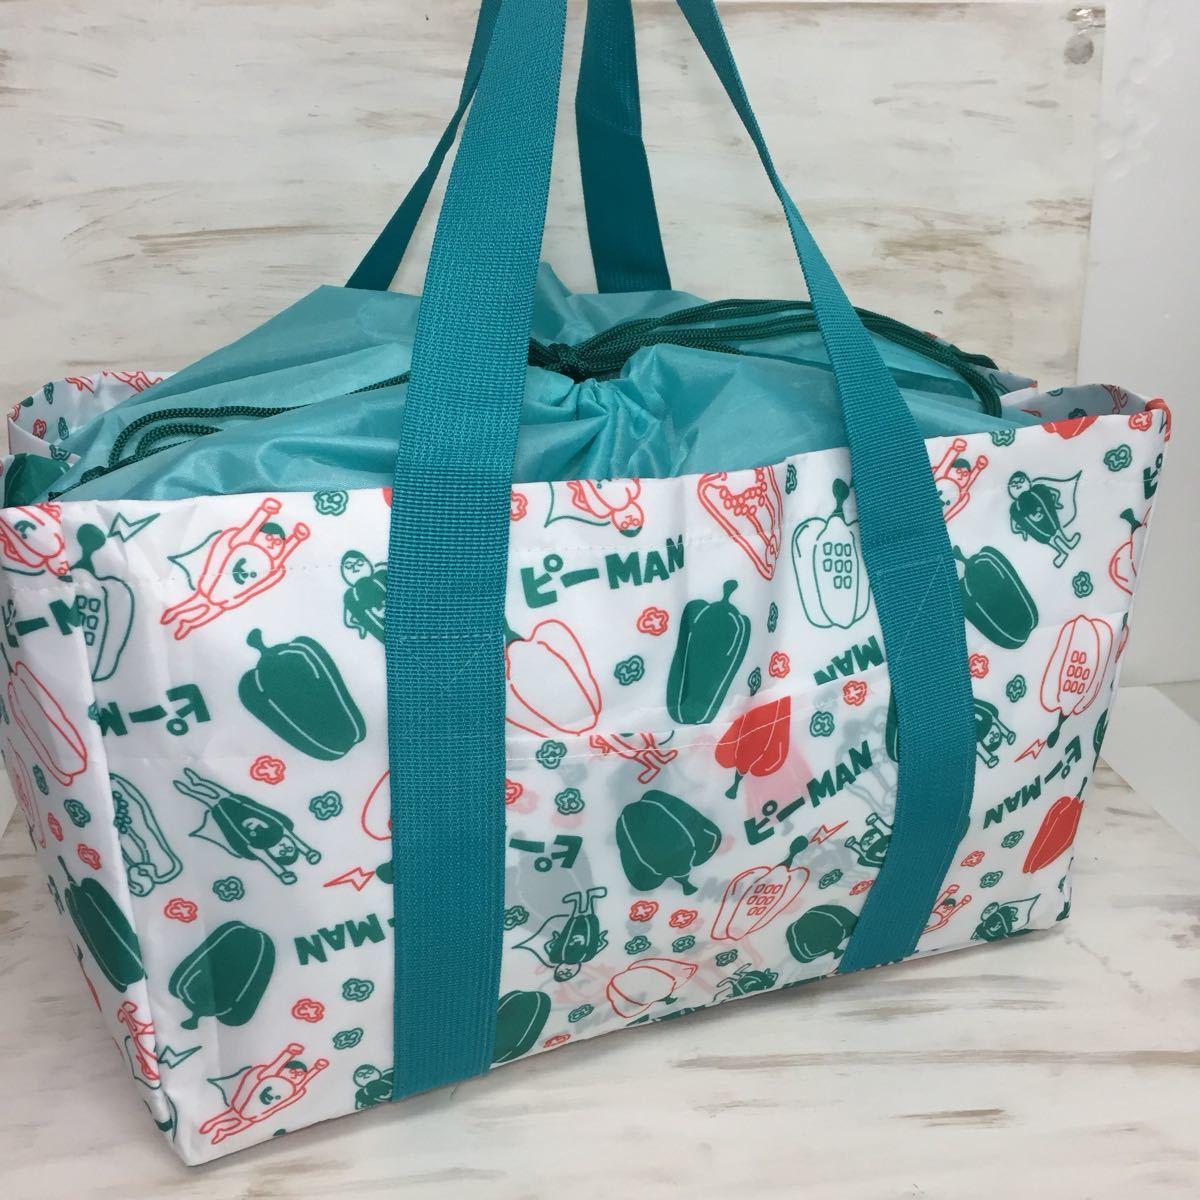 保冷バッグ エコバッグ レジバッグ 買い物バッグ レディース ピーマン柄